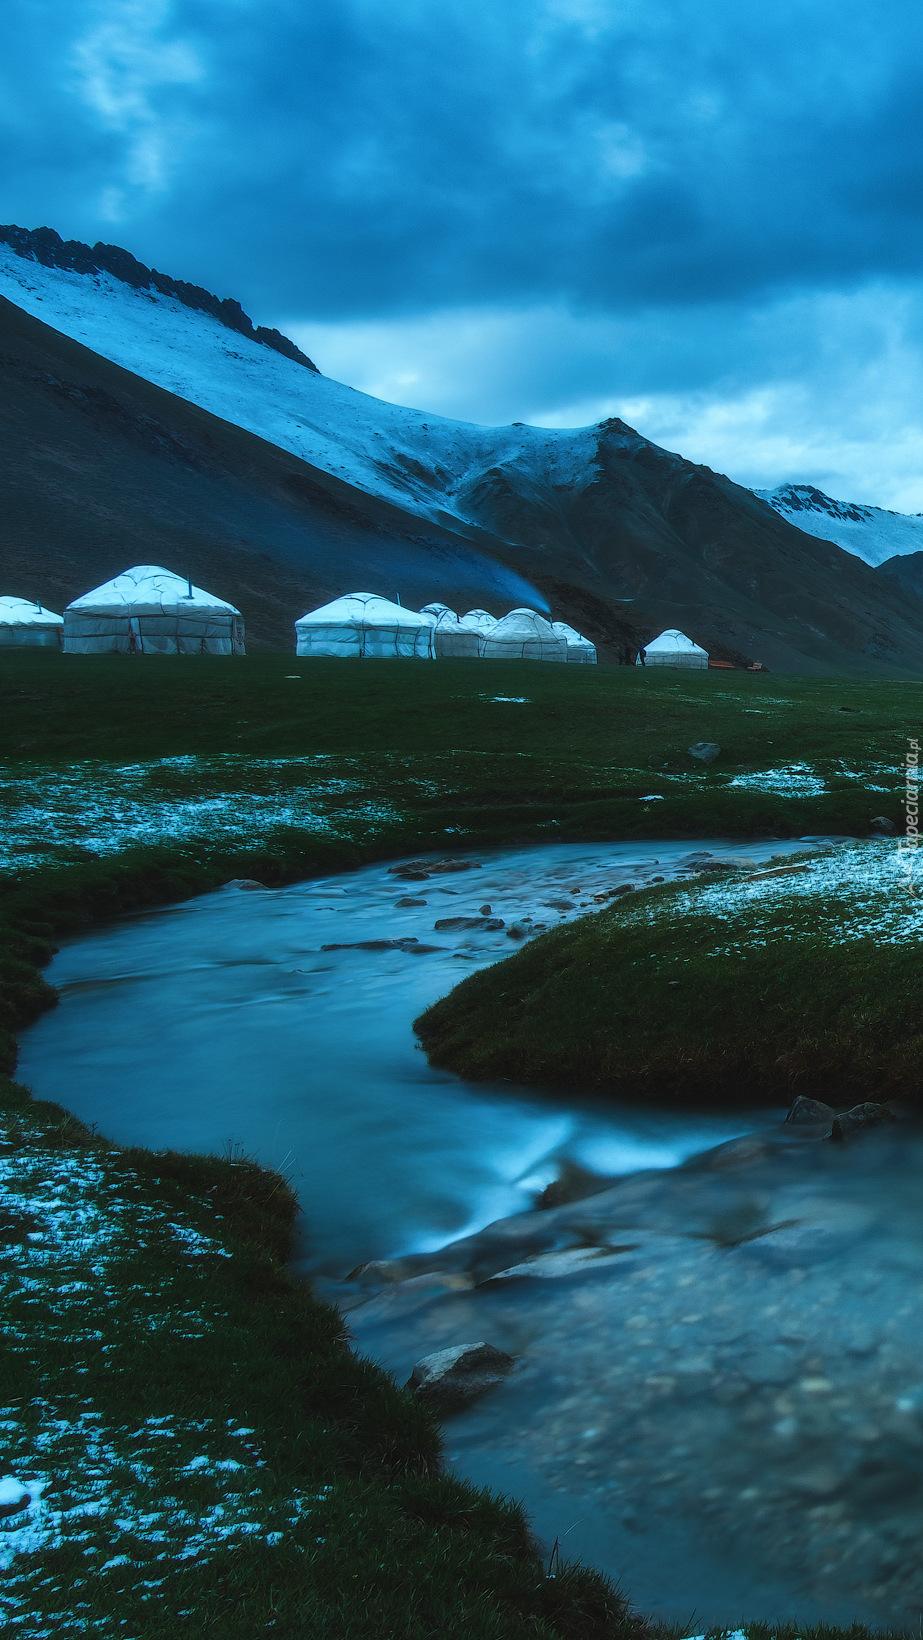 Namioty nad  rzeką w Kirgistanie